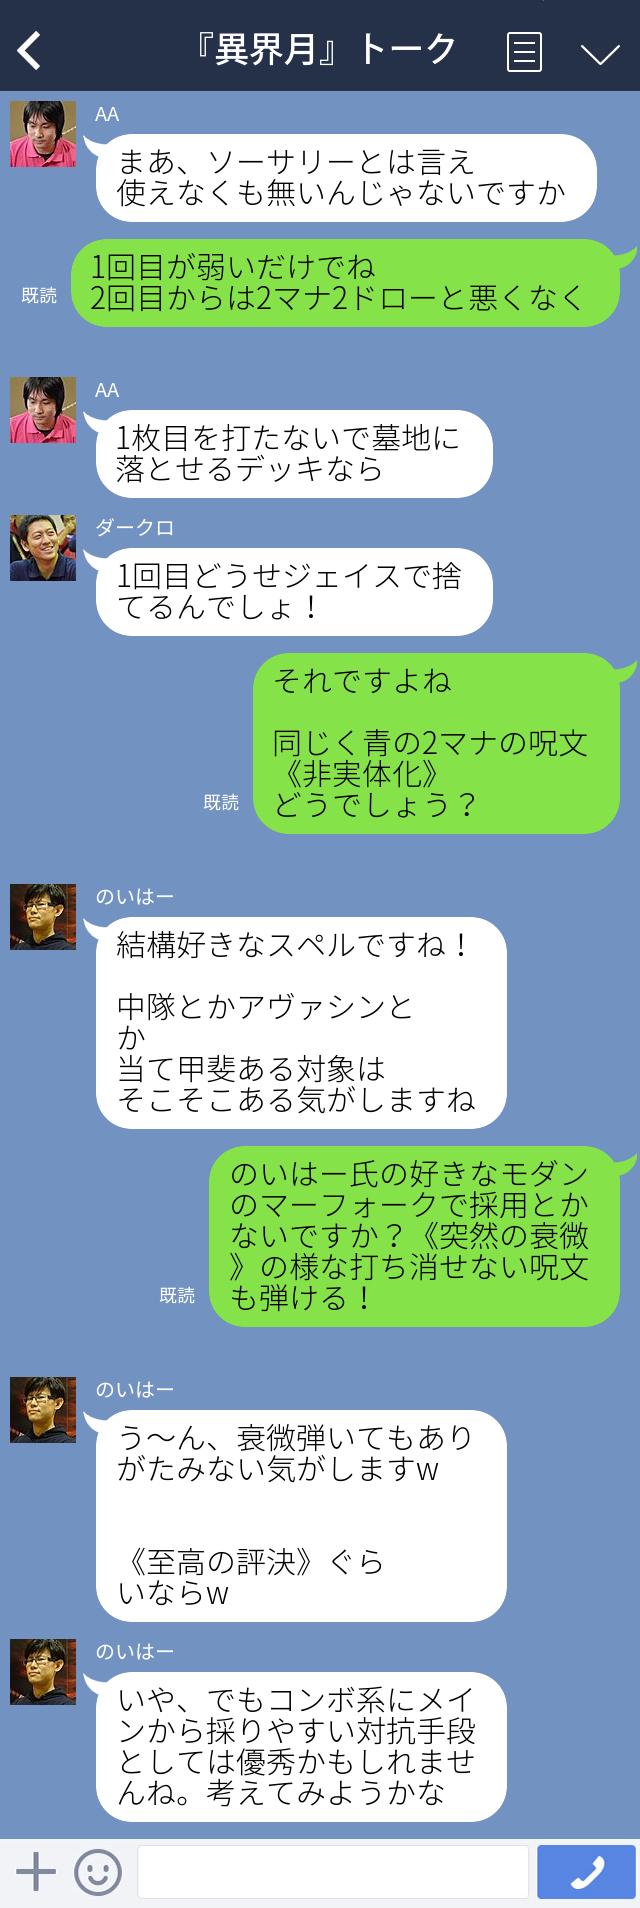 ライン風6